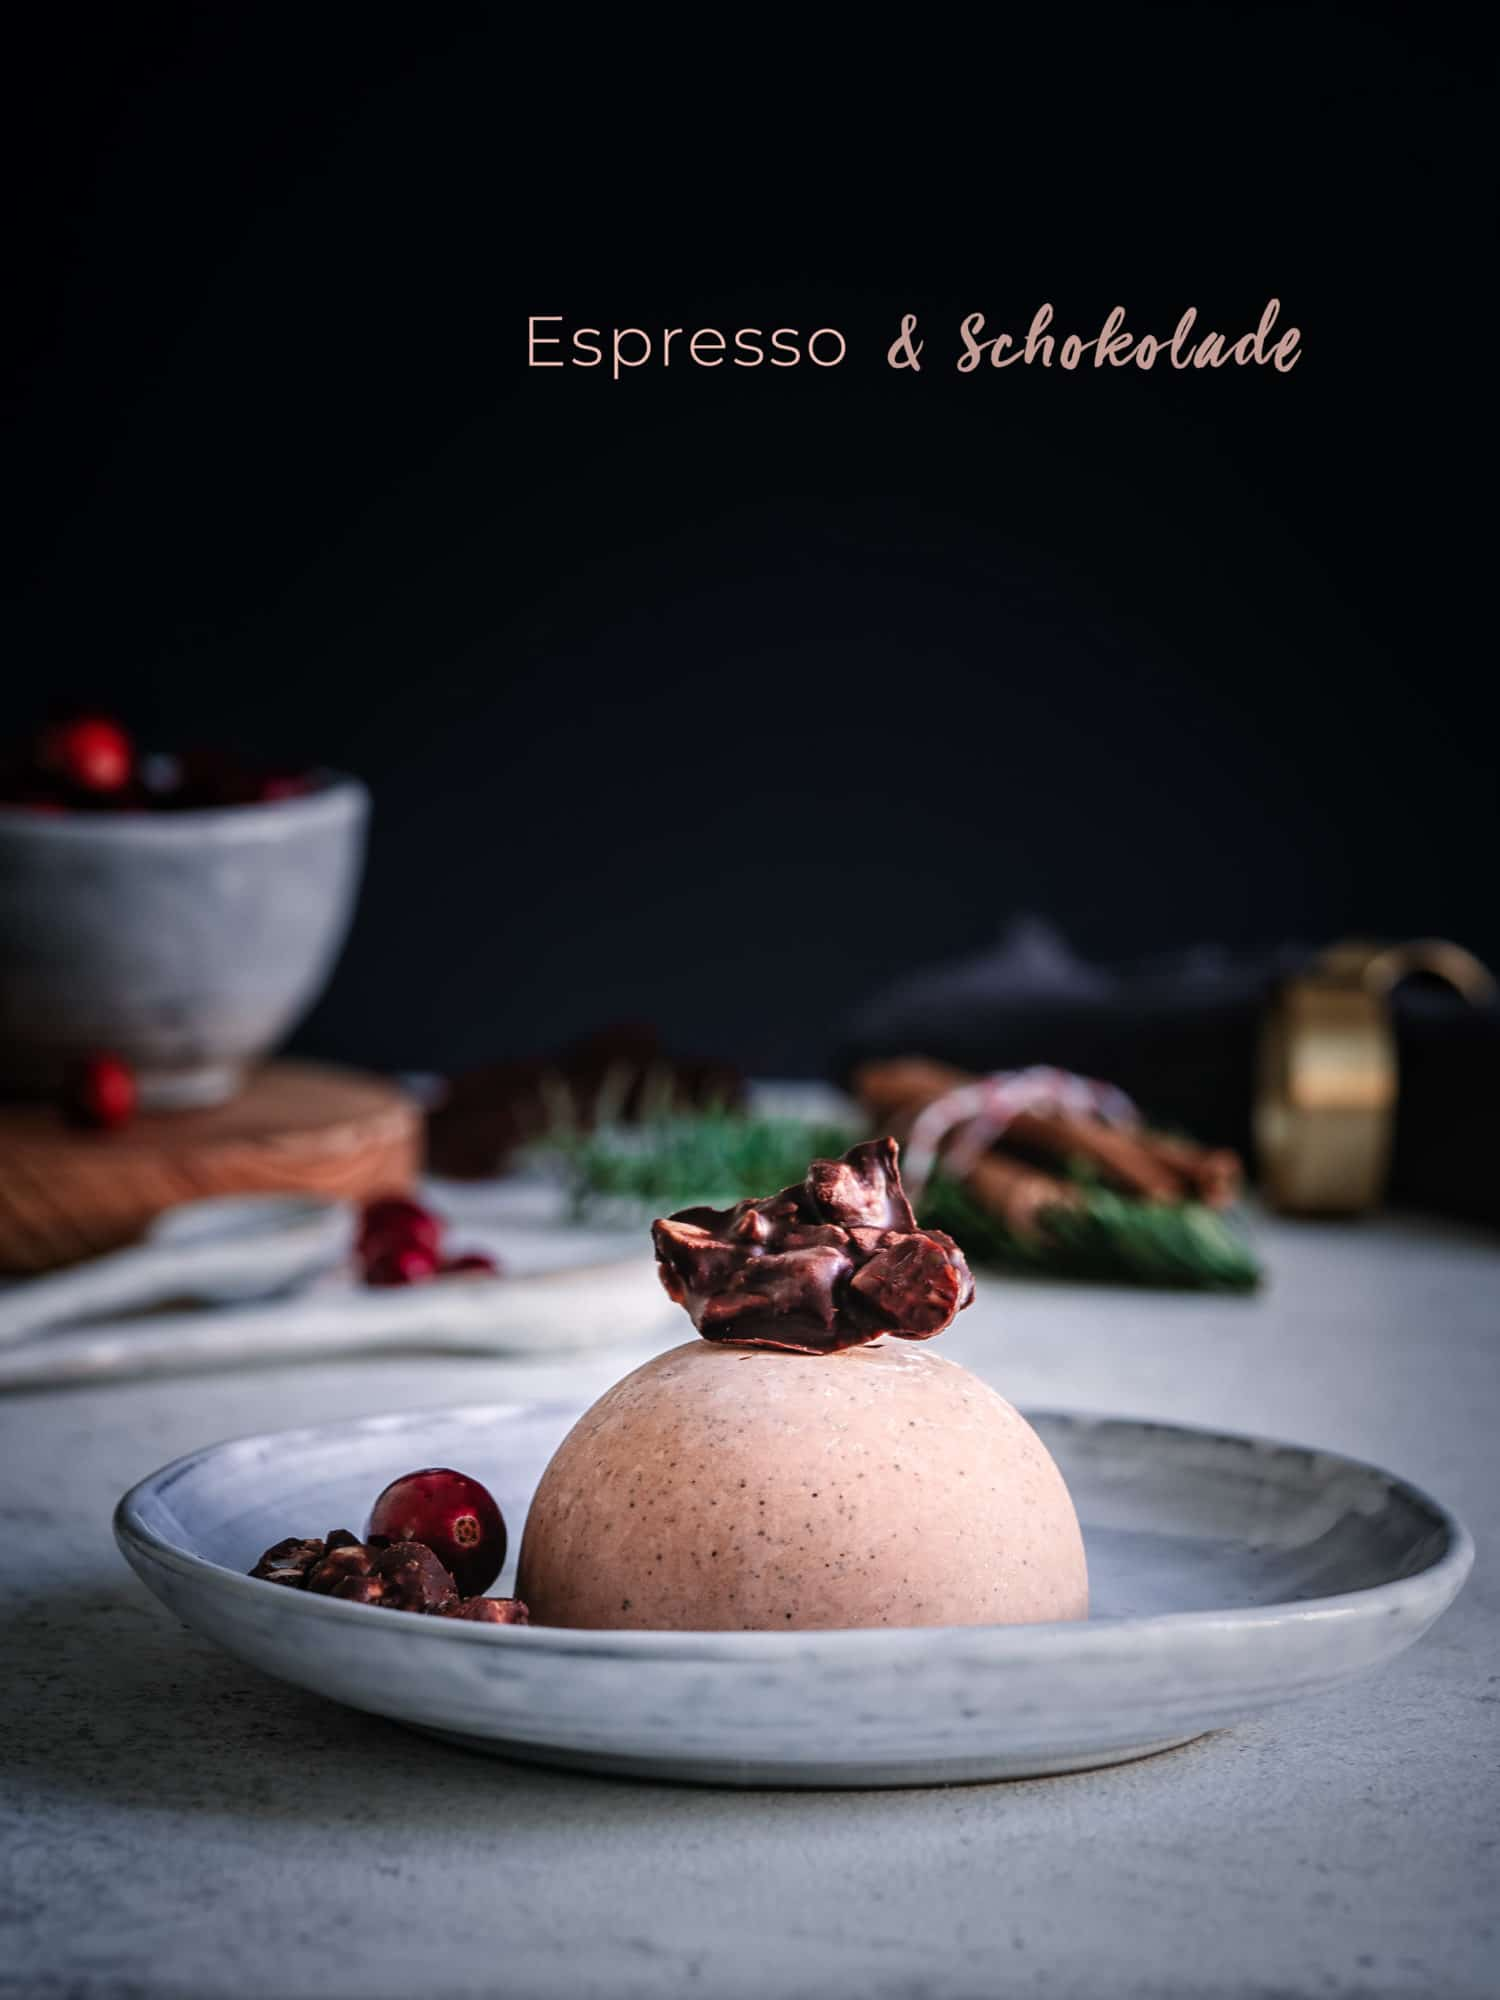 Weihnachtsdessert mit Espresso & Schokolade